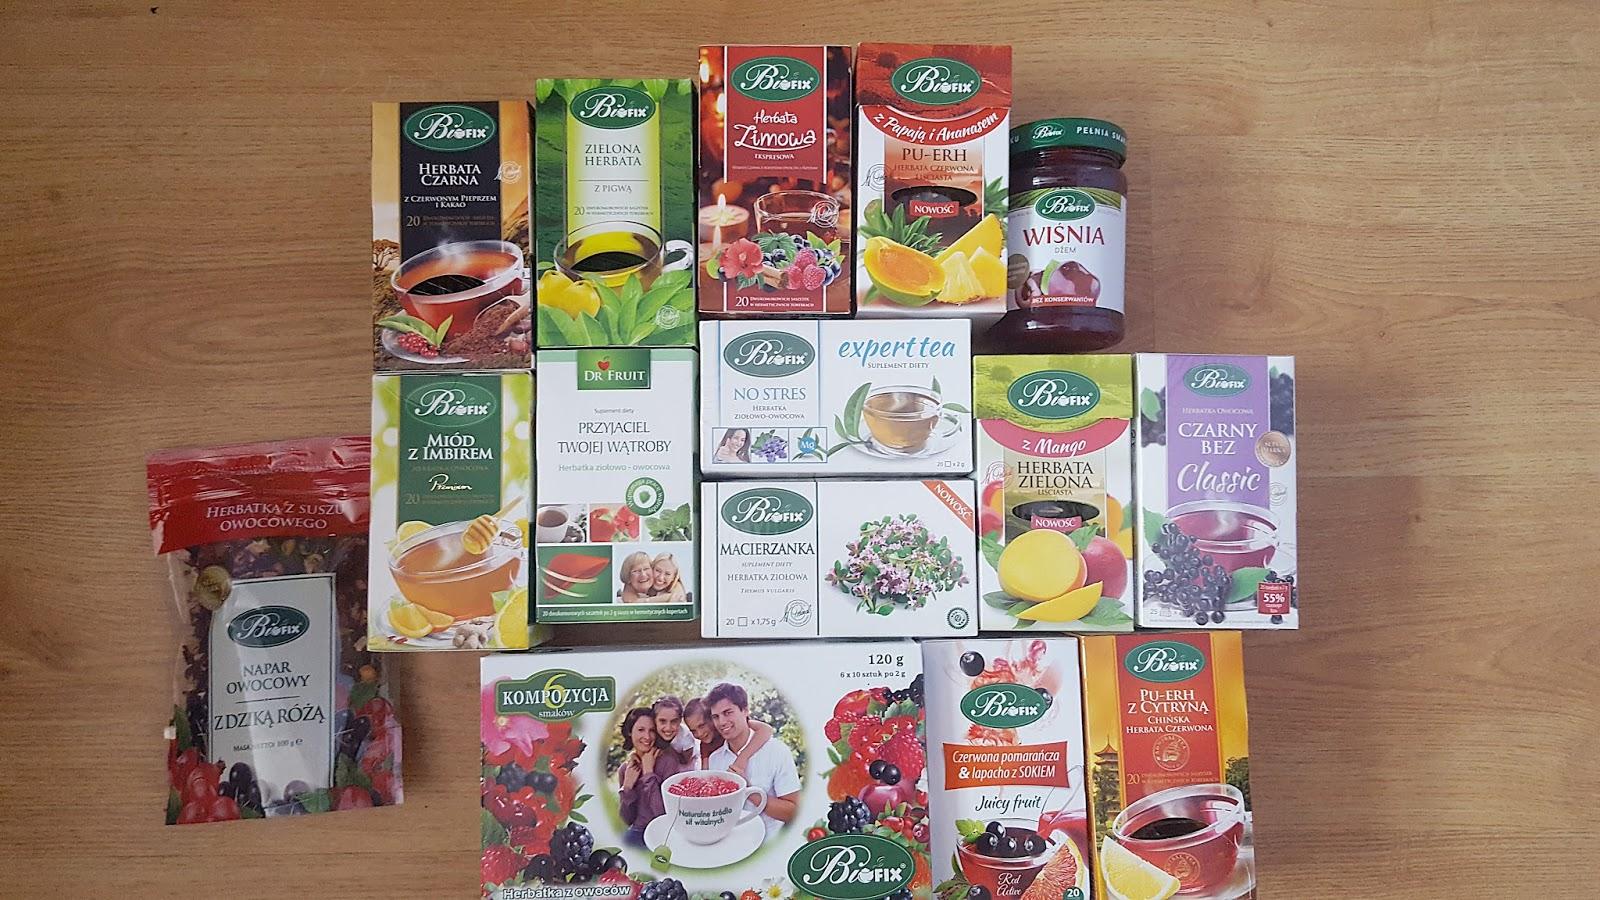 Herbatki ziołowe Bi fix oraz dżem wiśniowy niskosłodzony :)